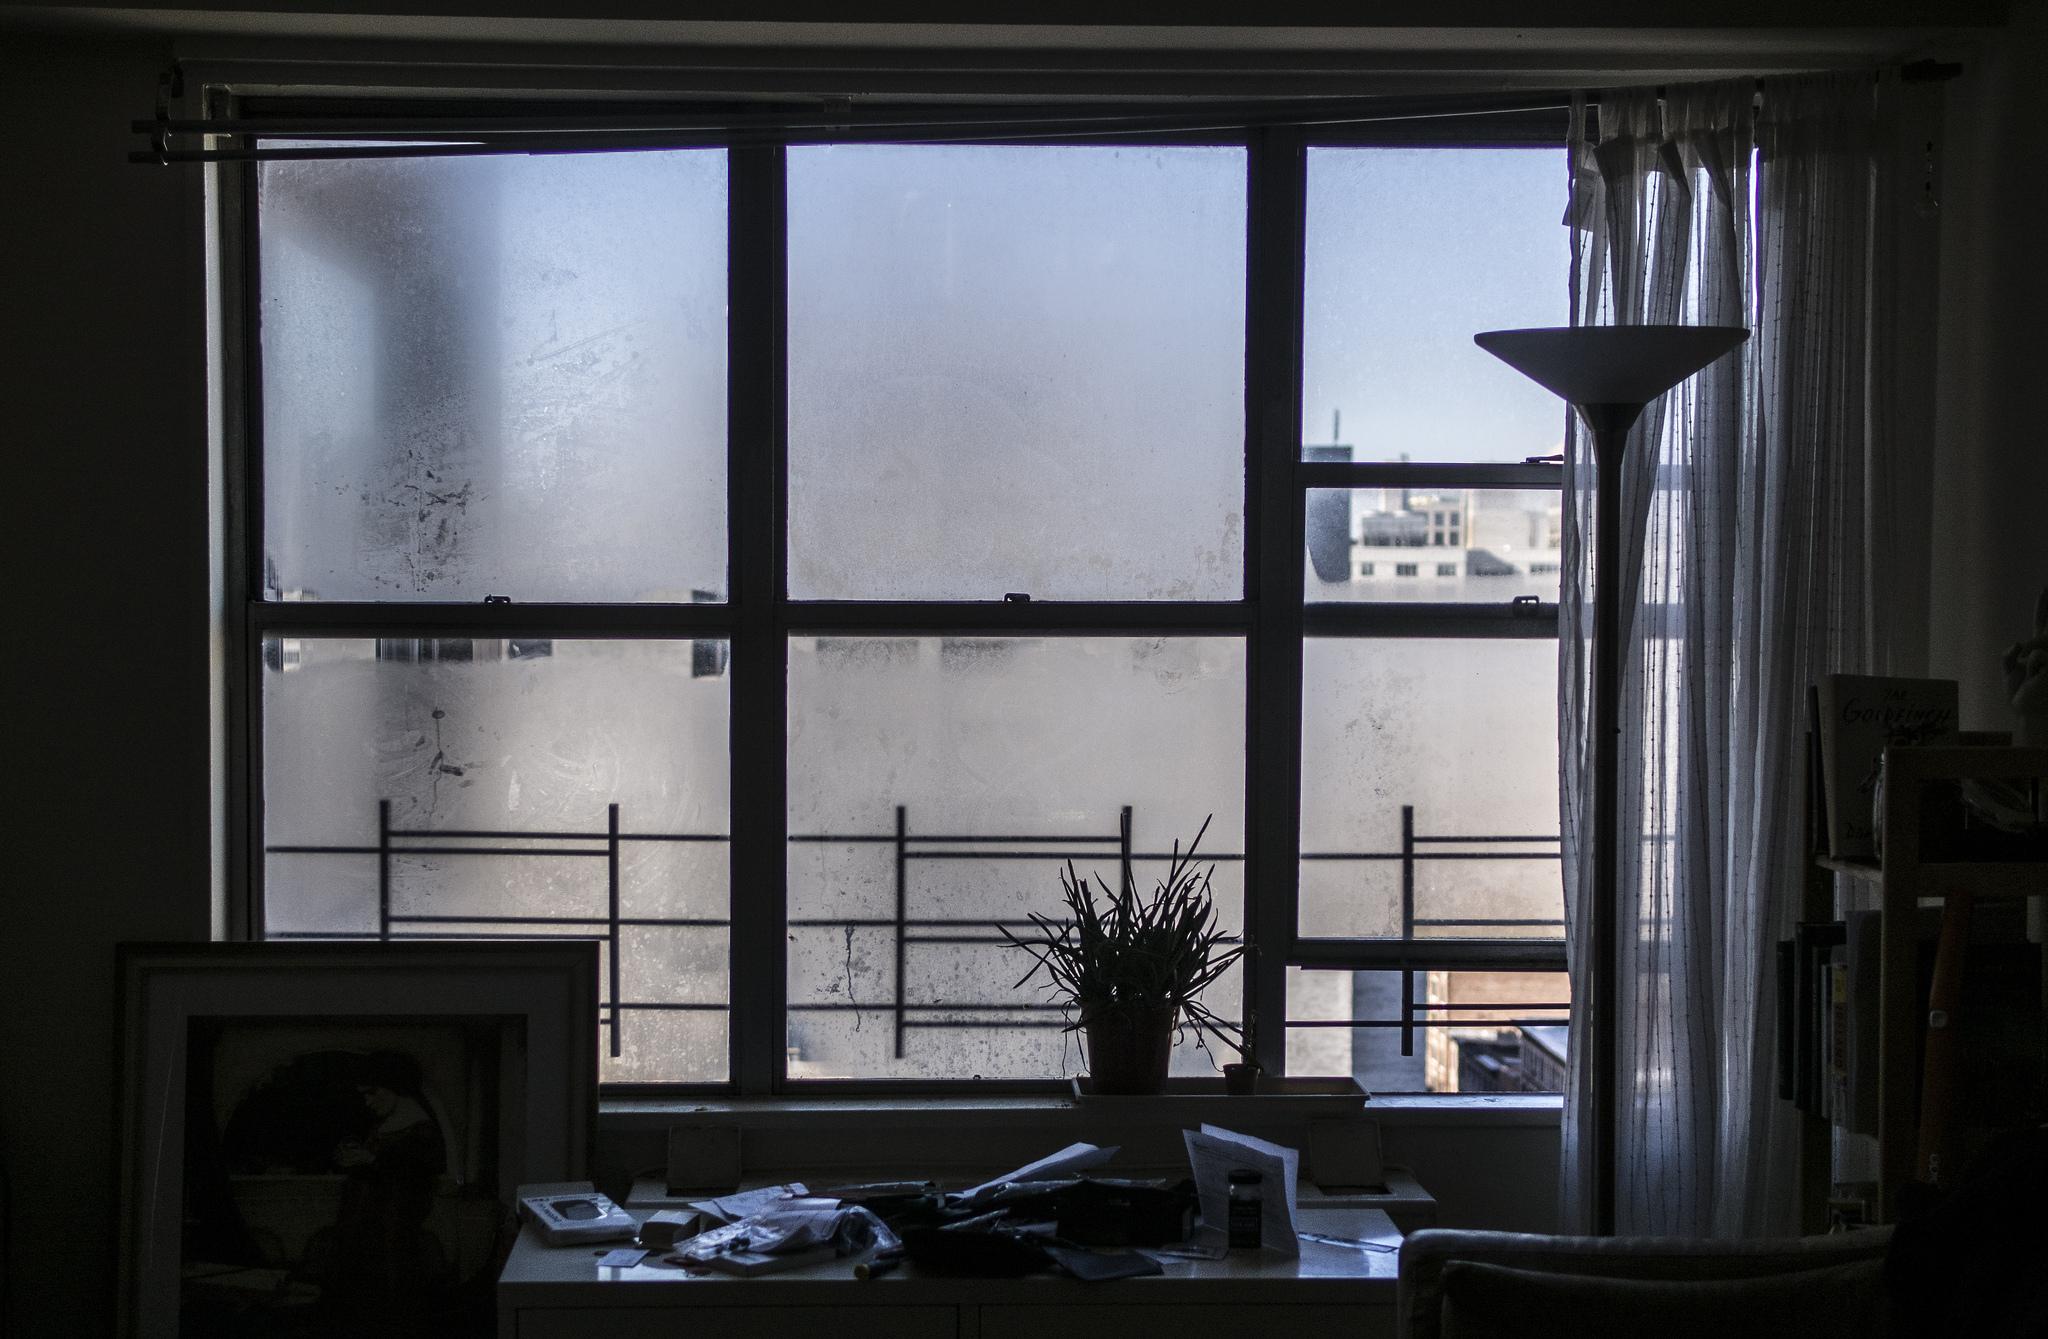 Výhled z orosených oken se může zdát nejasný